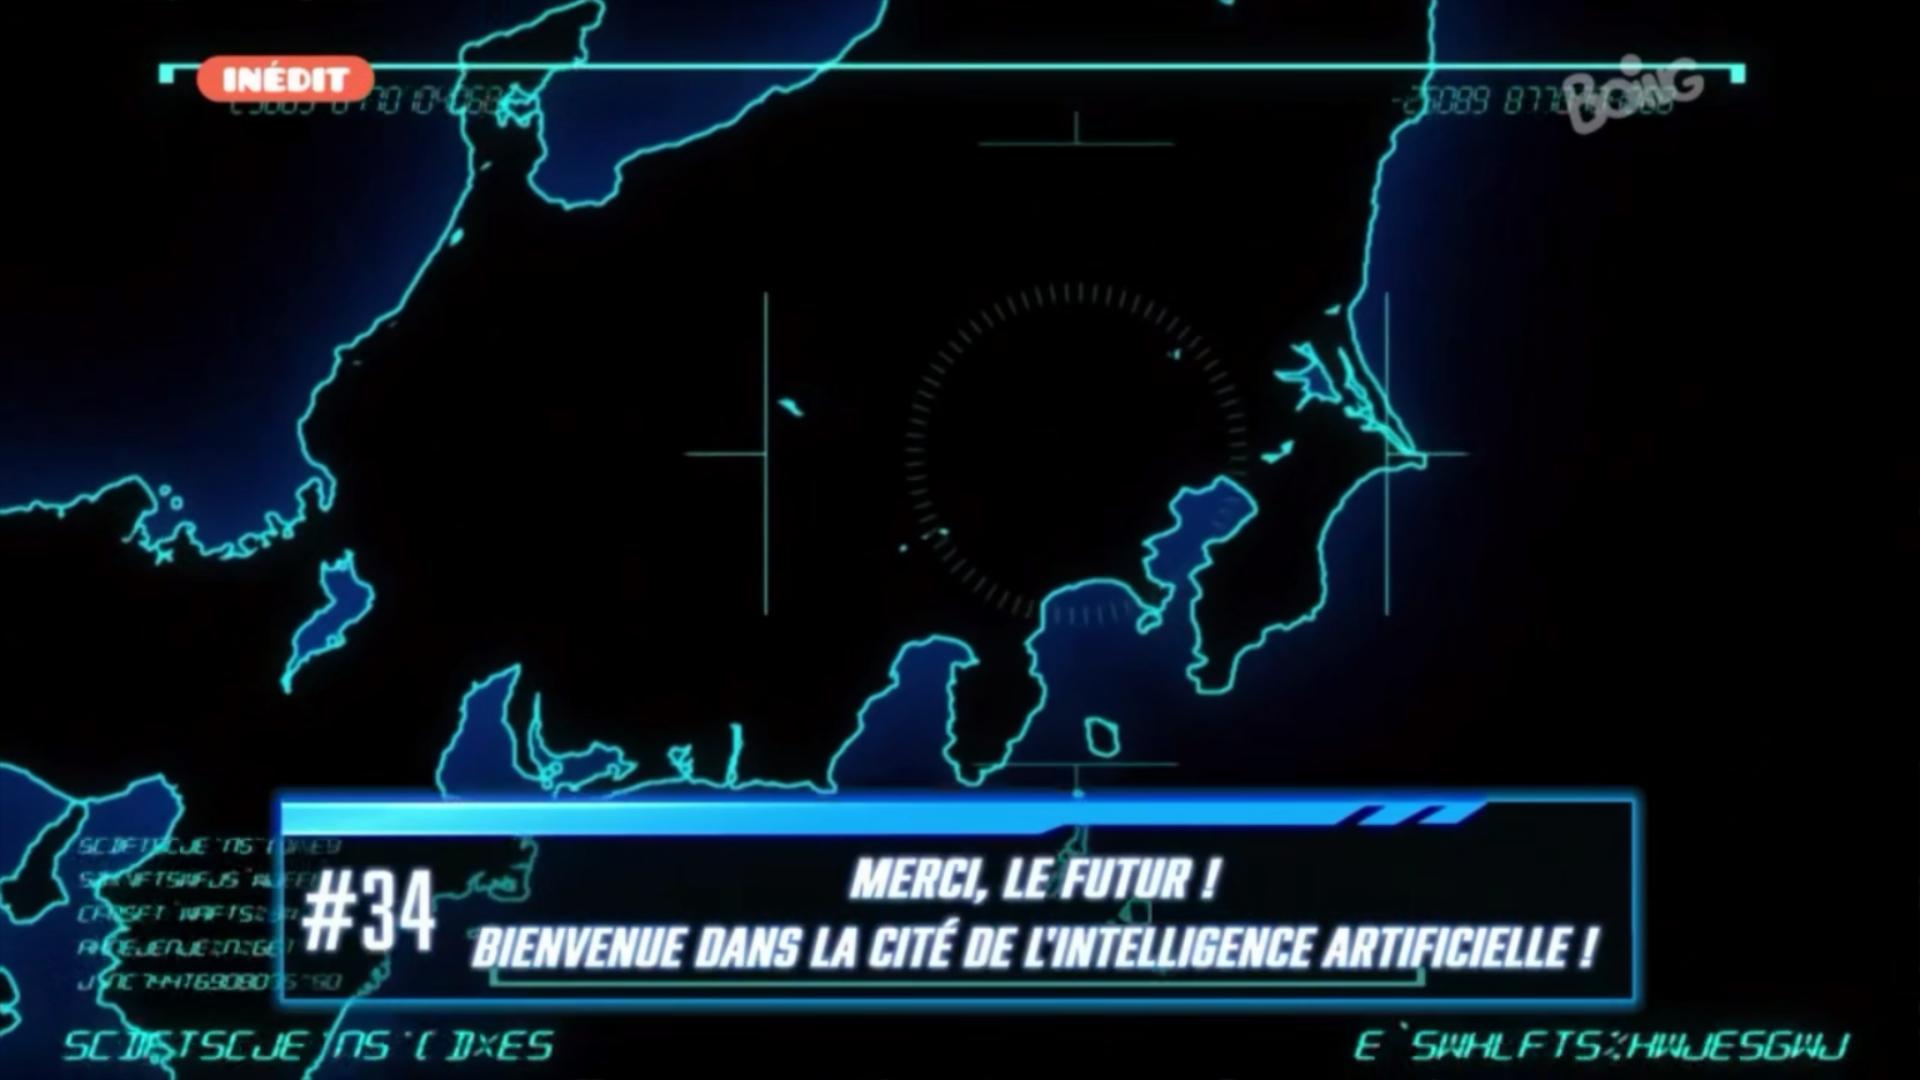 In Der Zukunft Französisch